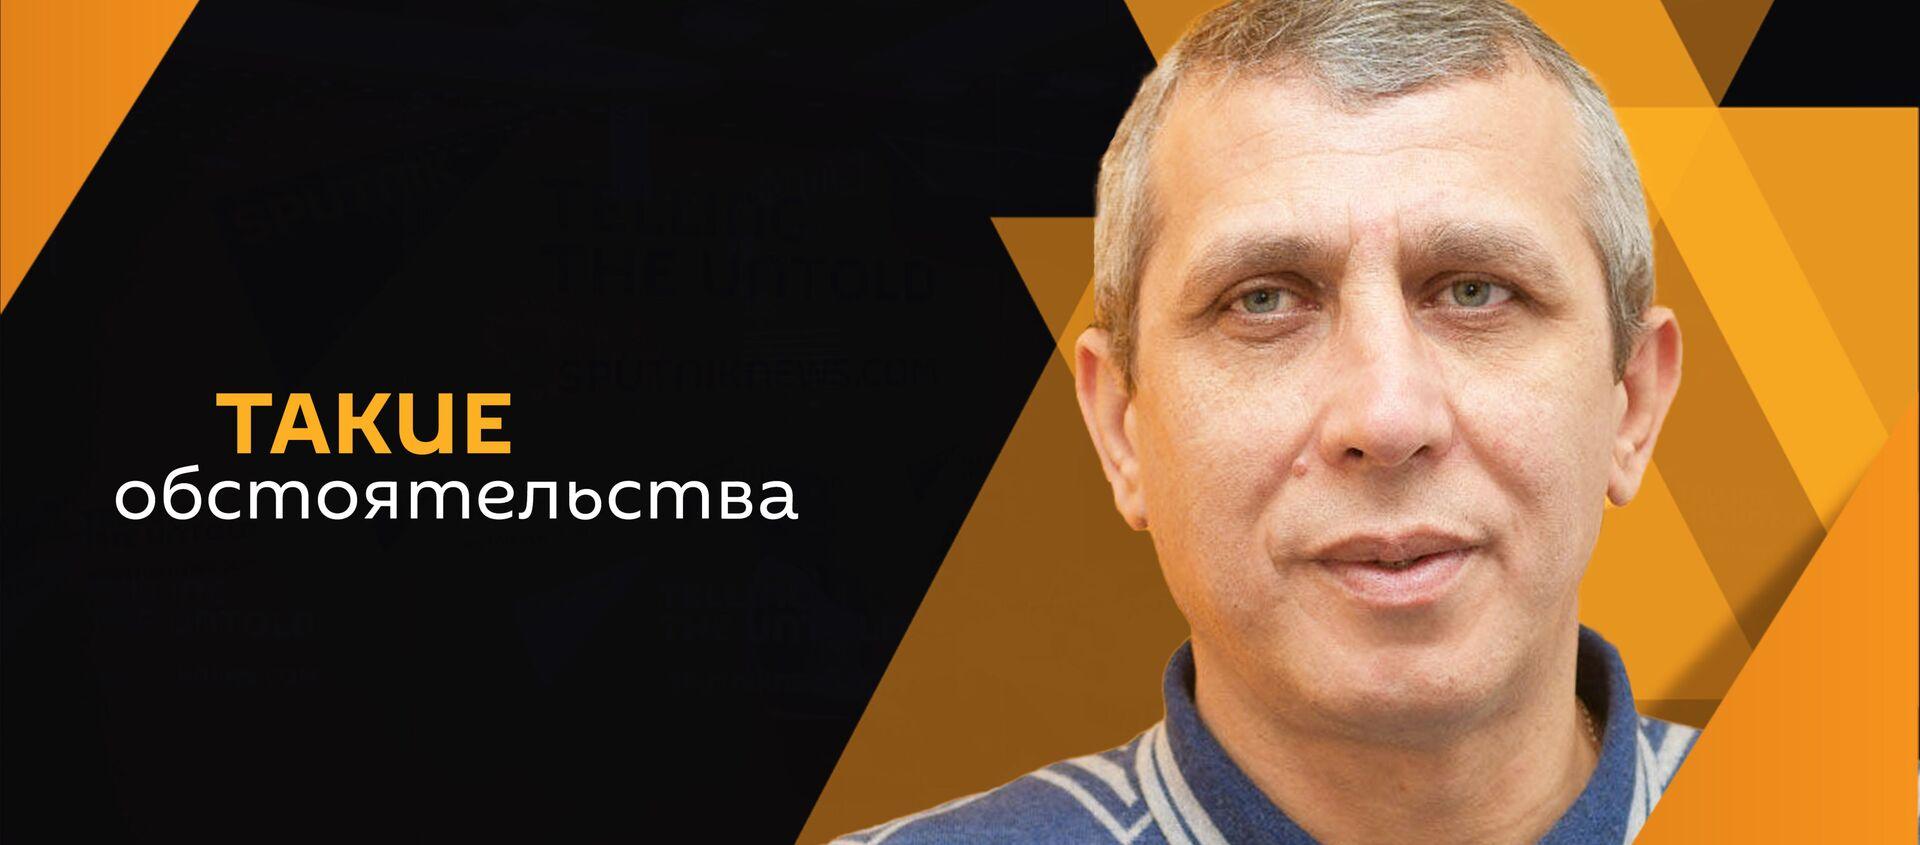 Игорь Джопуа - Sputnik Абхазия, 1920, 25.02.2021